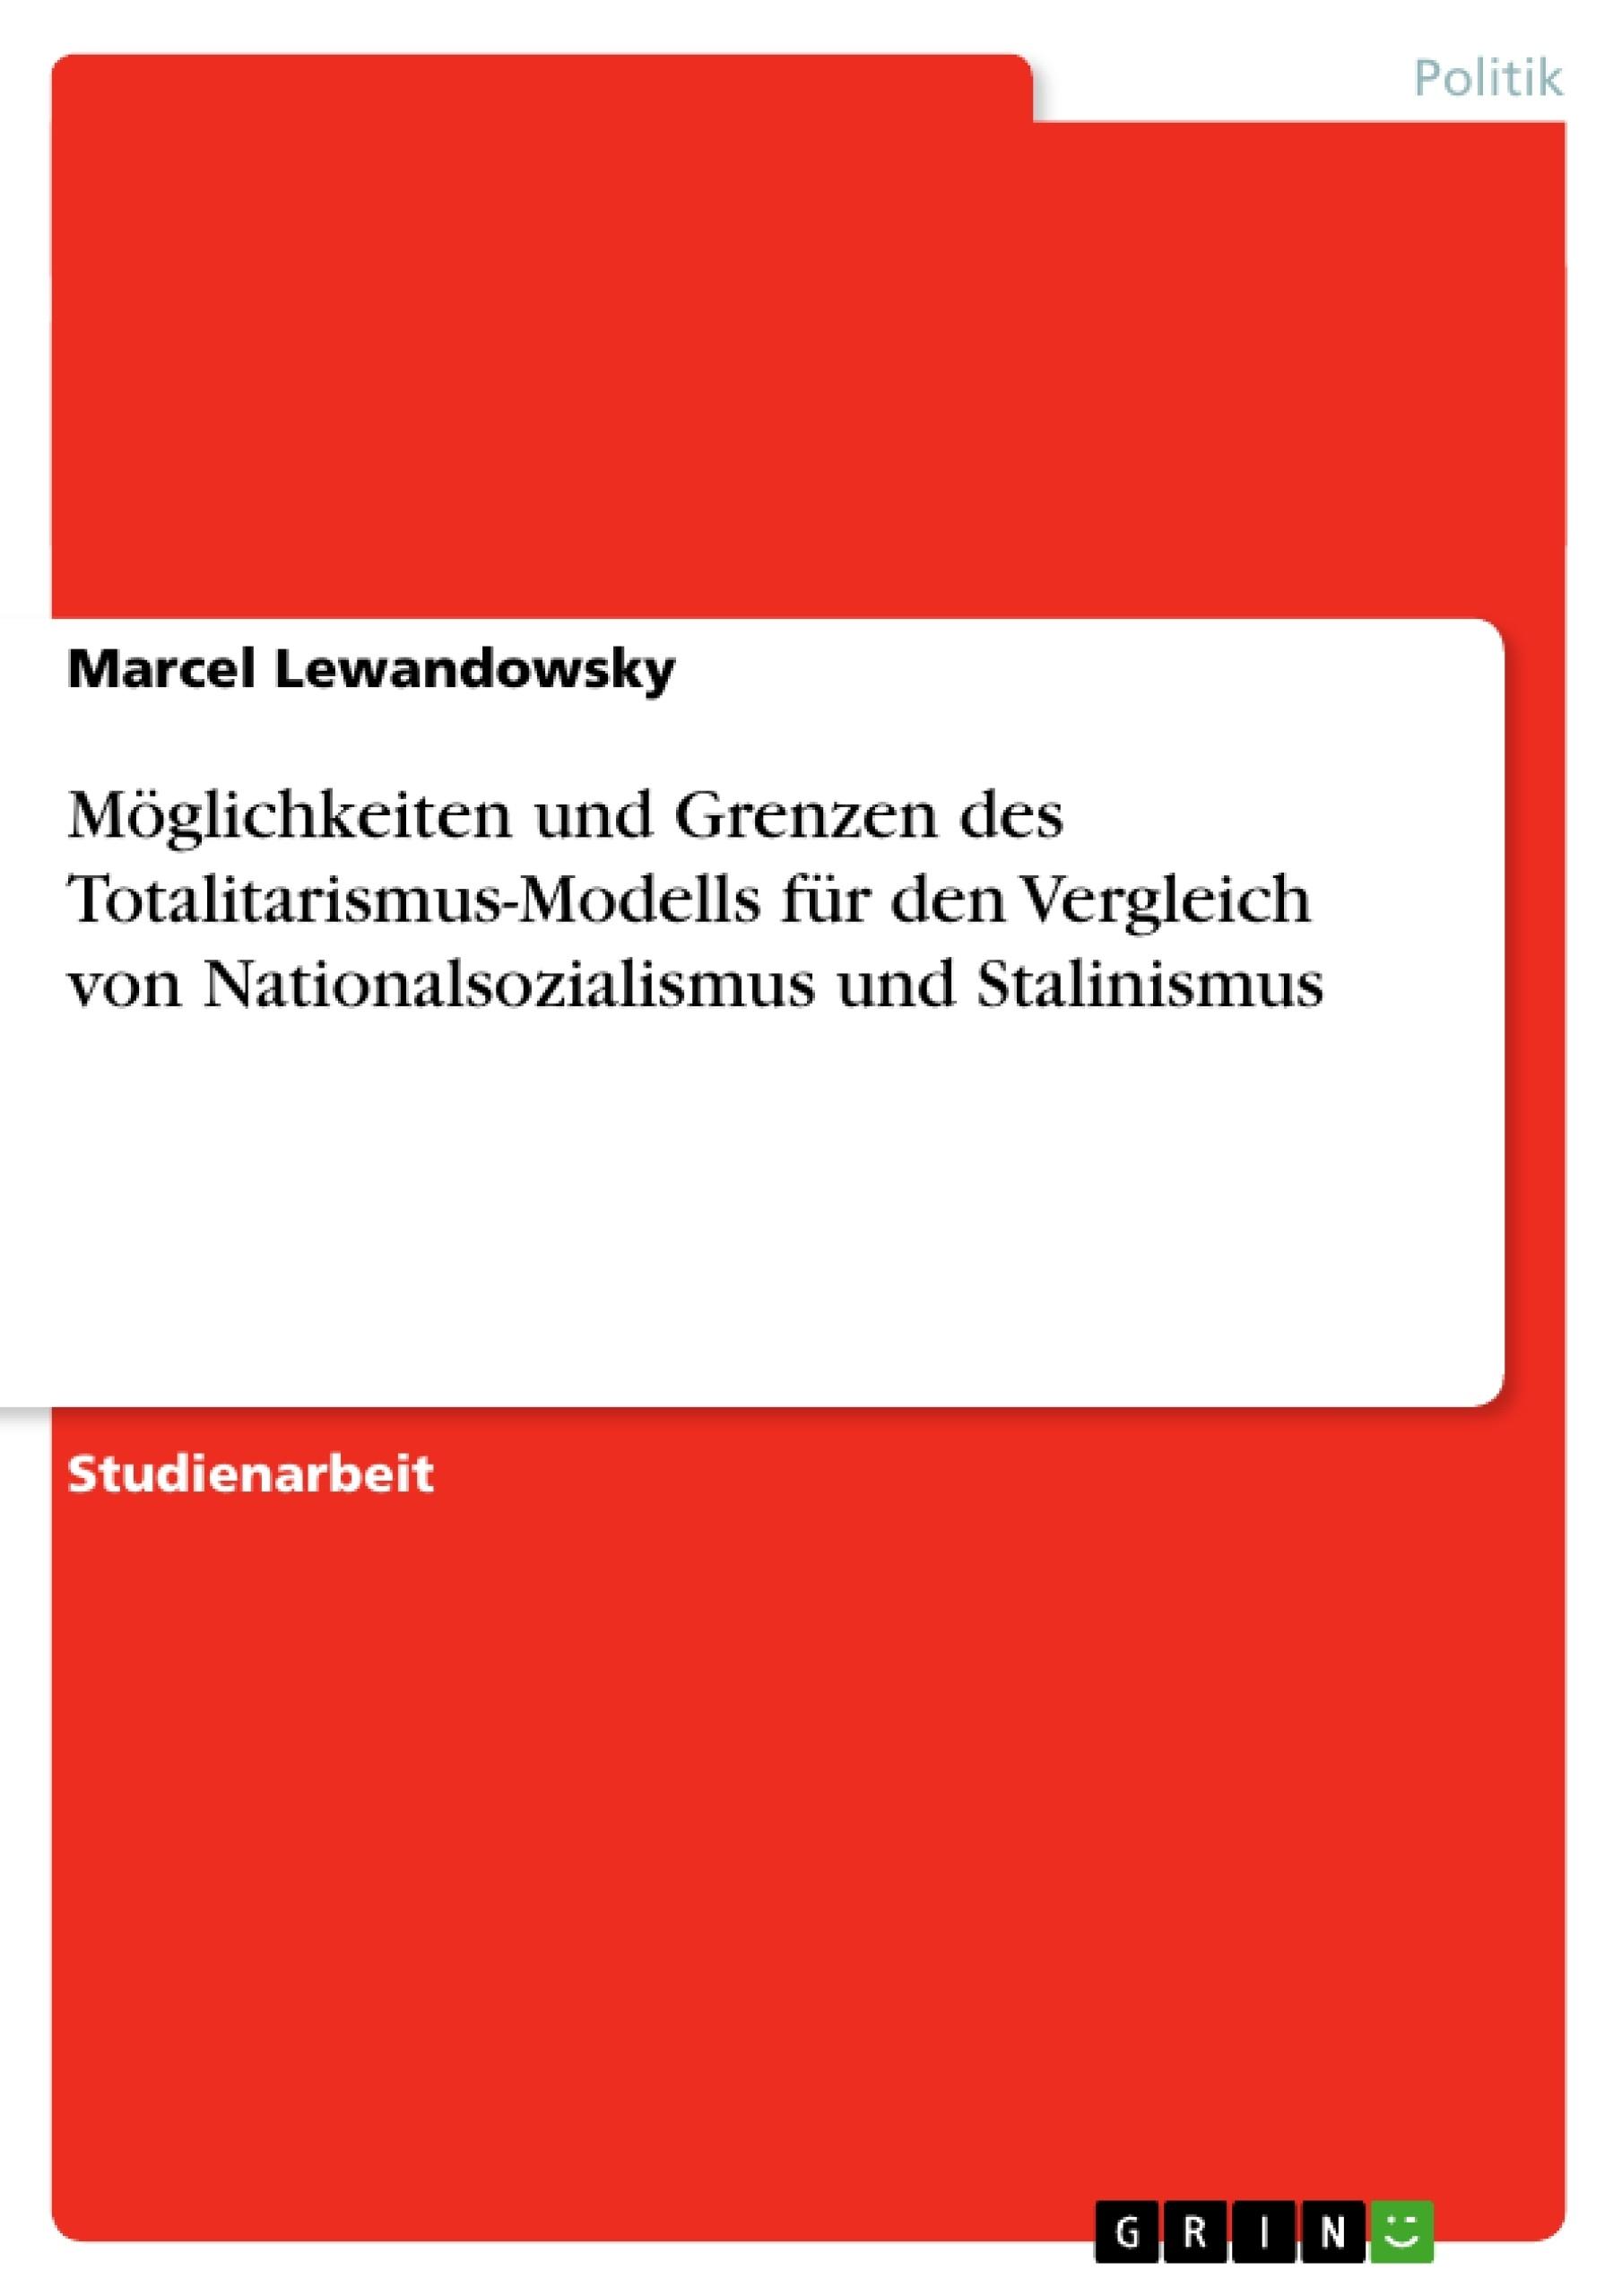 Titel: Möglichkeiten und Grenzen des Totalitarismus-Modells für den Vergleich von Nationalsozialismus und Stalinismus